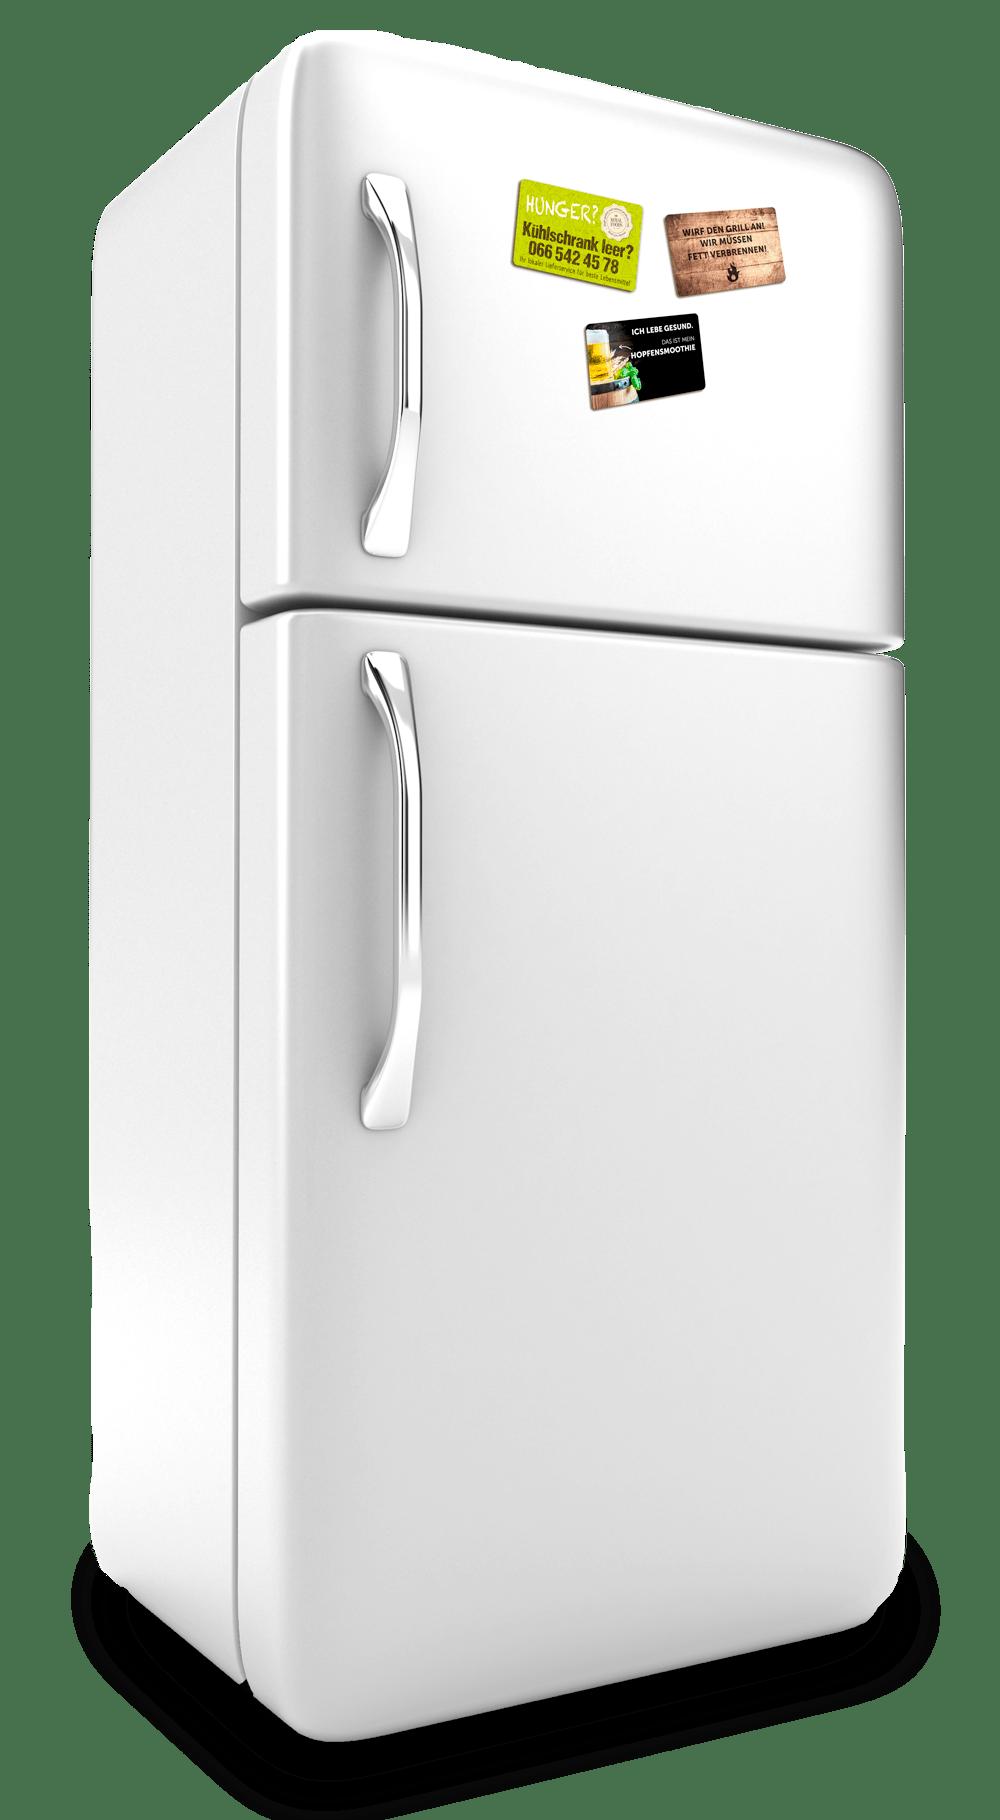 Kühlschrank mit Magnethaftkarten Kühlschrankmagneten